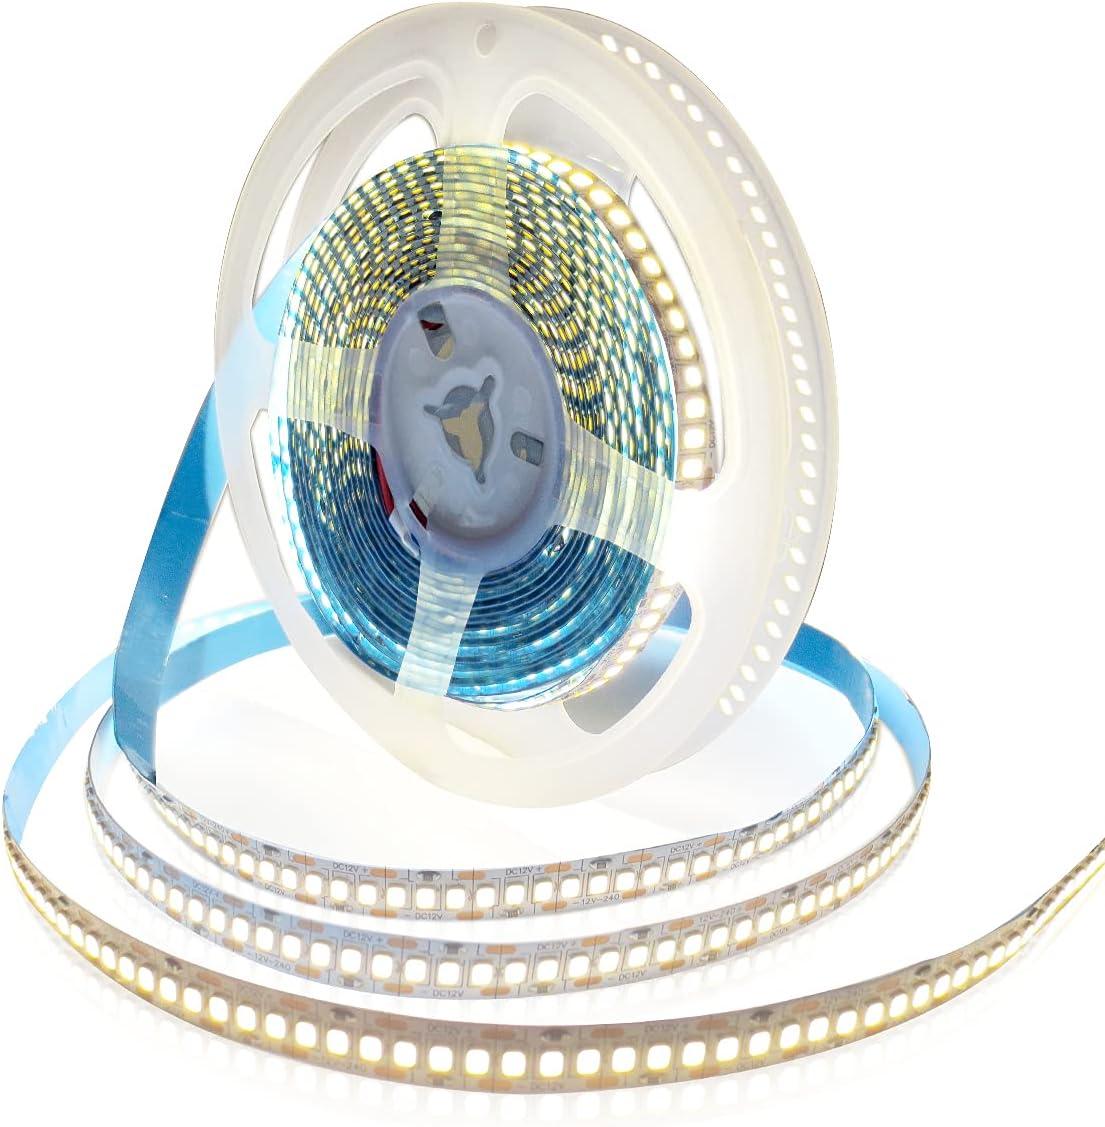 Tesfish Tiras de luz LED 12V, Blanco Natural 4000K 5M Tiras LED 2835 IP20 240 LEDs/M 1200 LEDs en Total Súper Brillante Tiras de Luces LED para Dormitorio, Decoración de Cocina